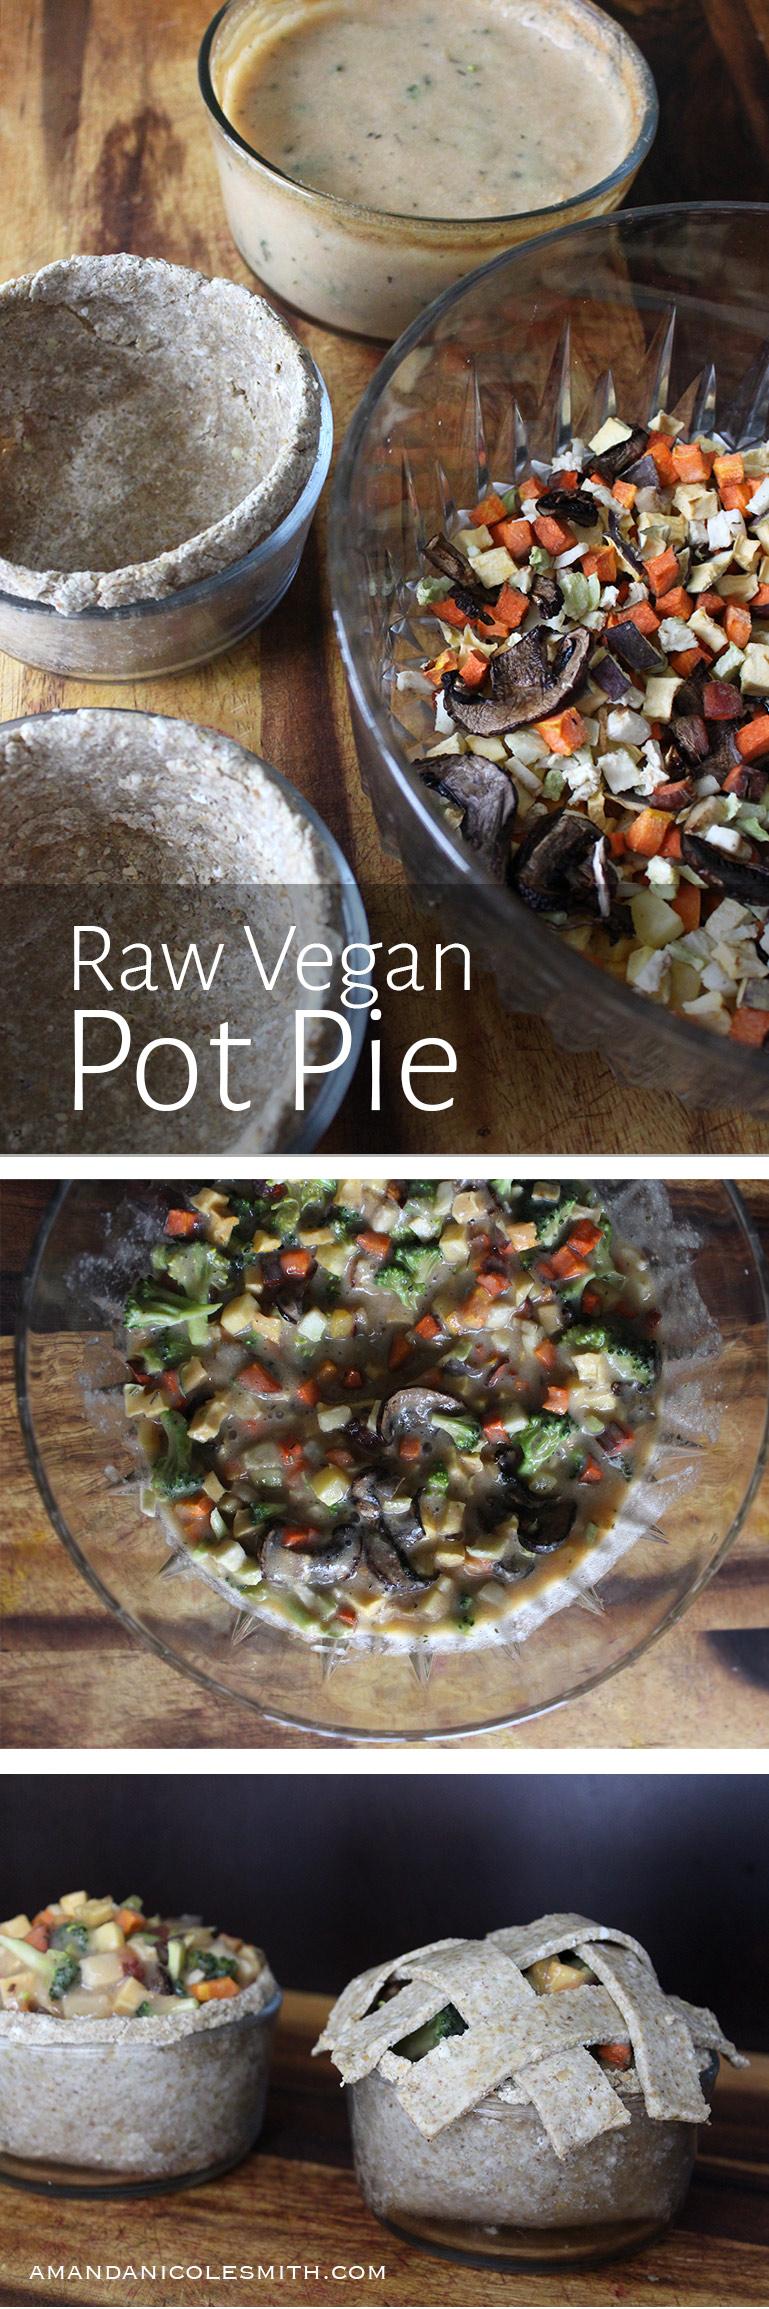 Raw Vegan Pot Pie